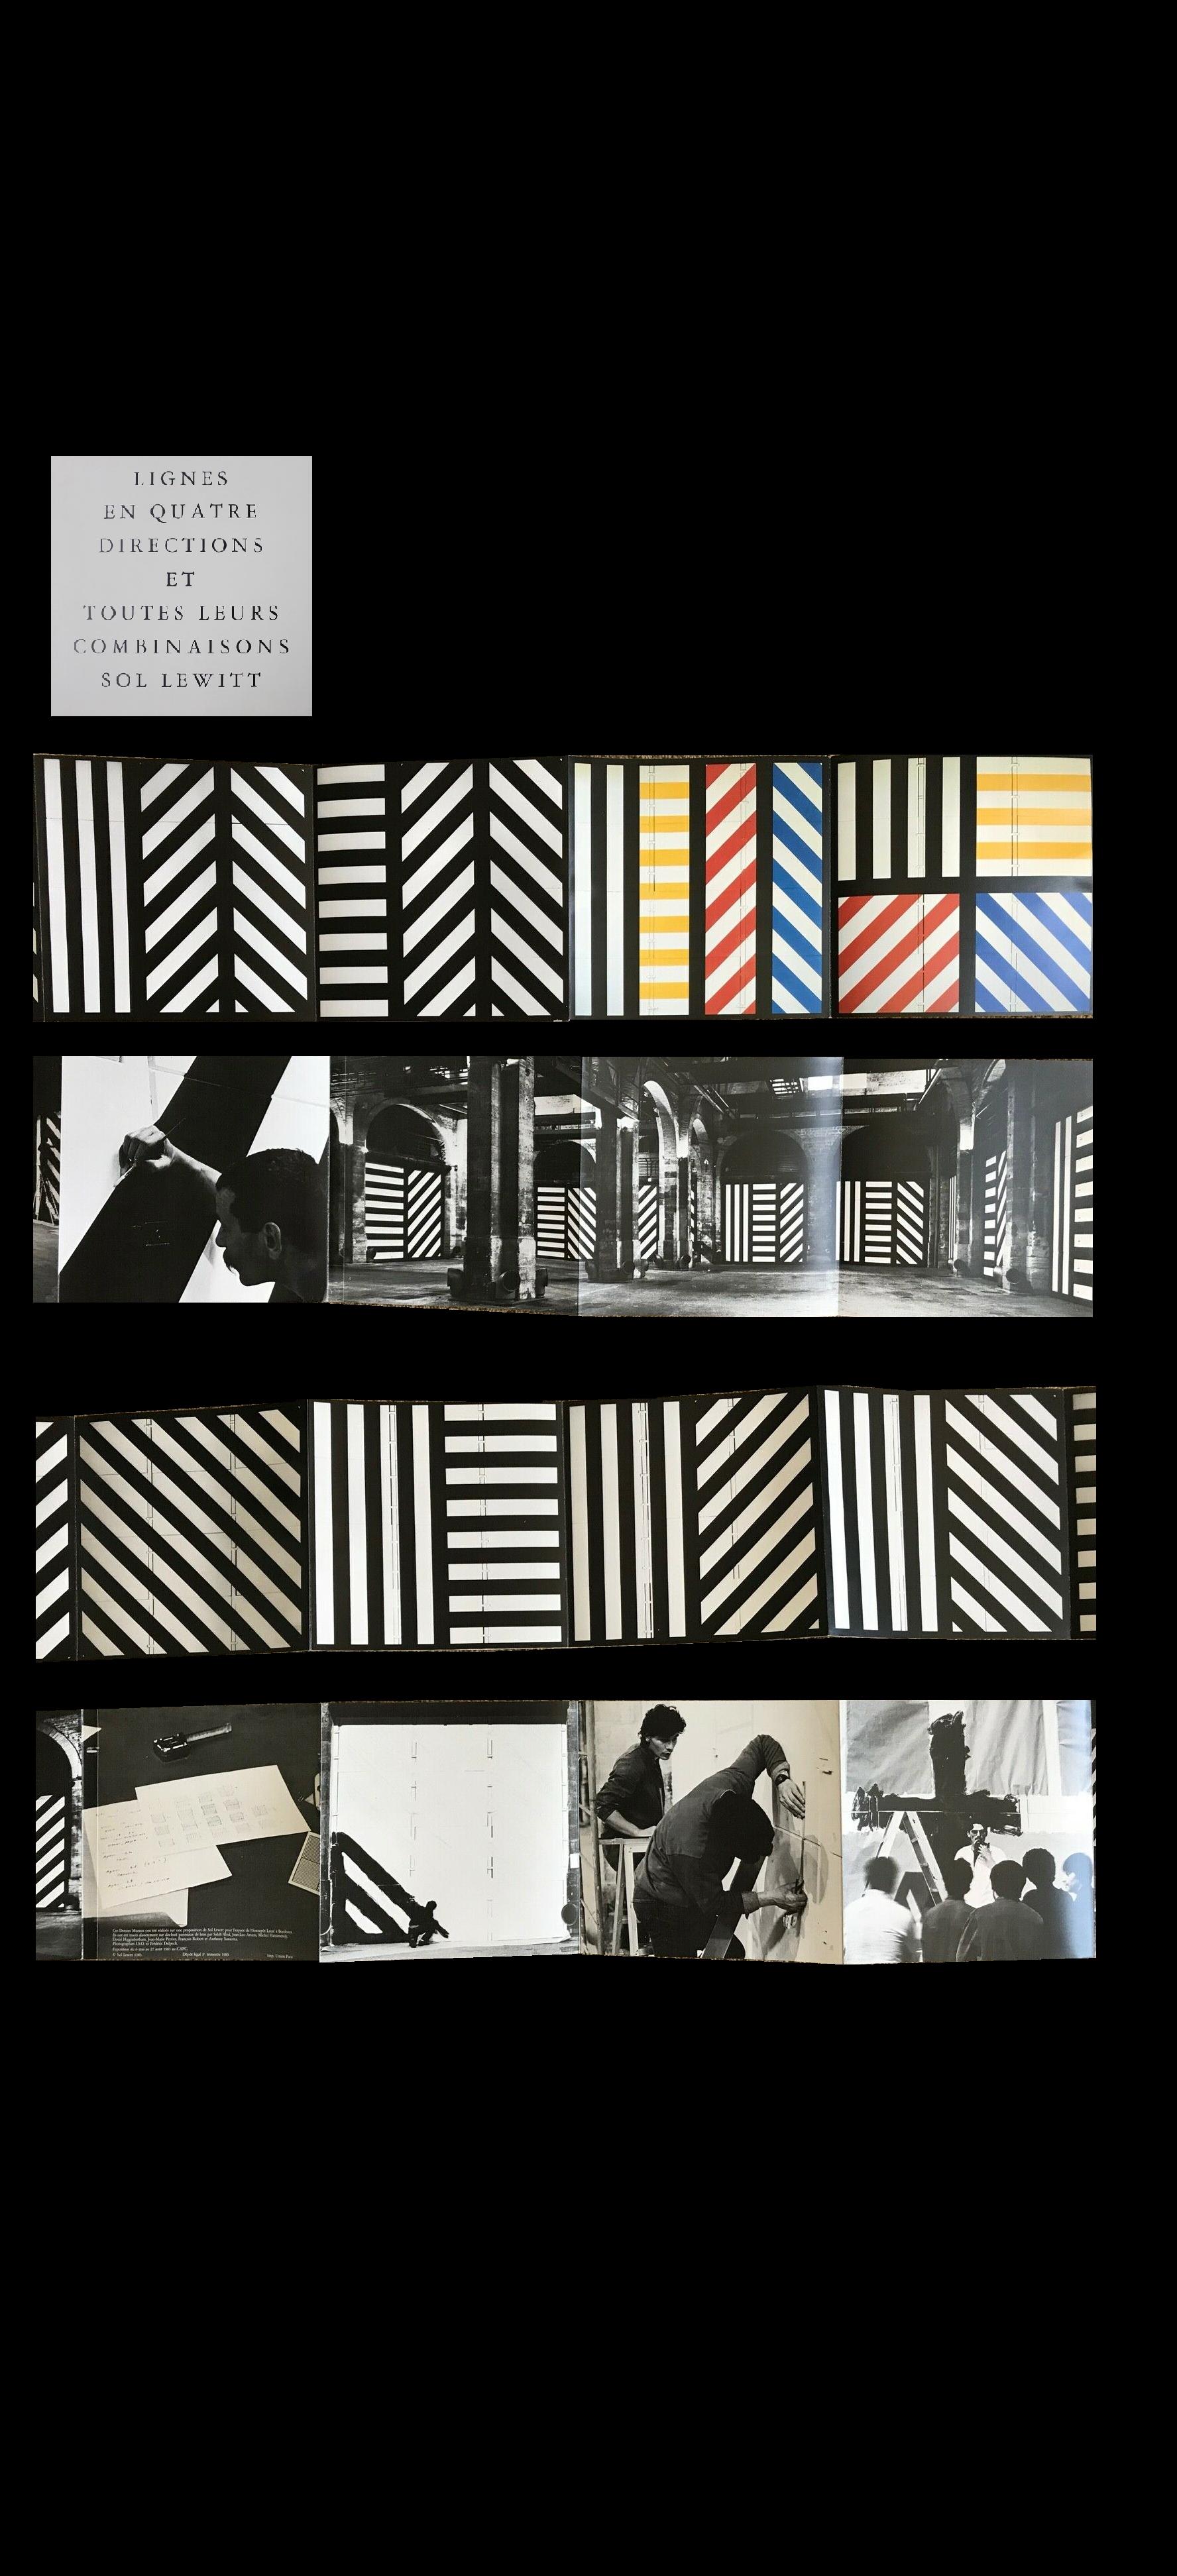 """sol  LEWITT - """"LIGNES EN QUATRE DIRECTIONS ET TOUTES LEURS COMBINAISONS SOL LEWITT"""", 1983, Exhibition Invitation/Catalogue, Musee D'Art Contemporain France"""